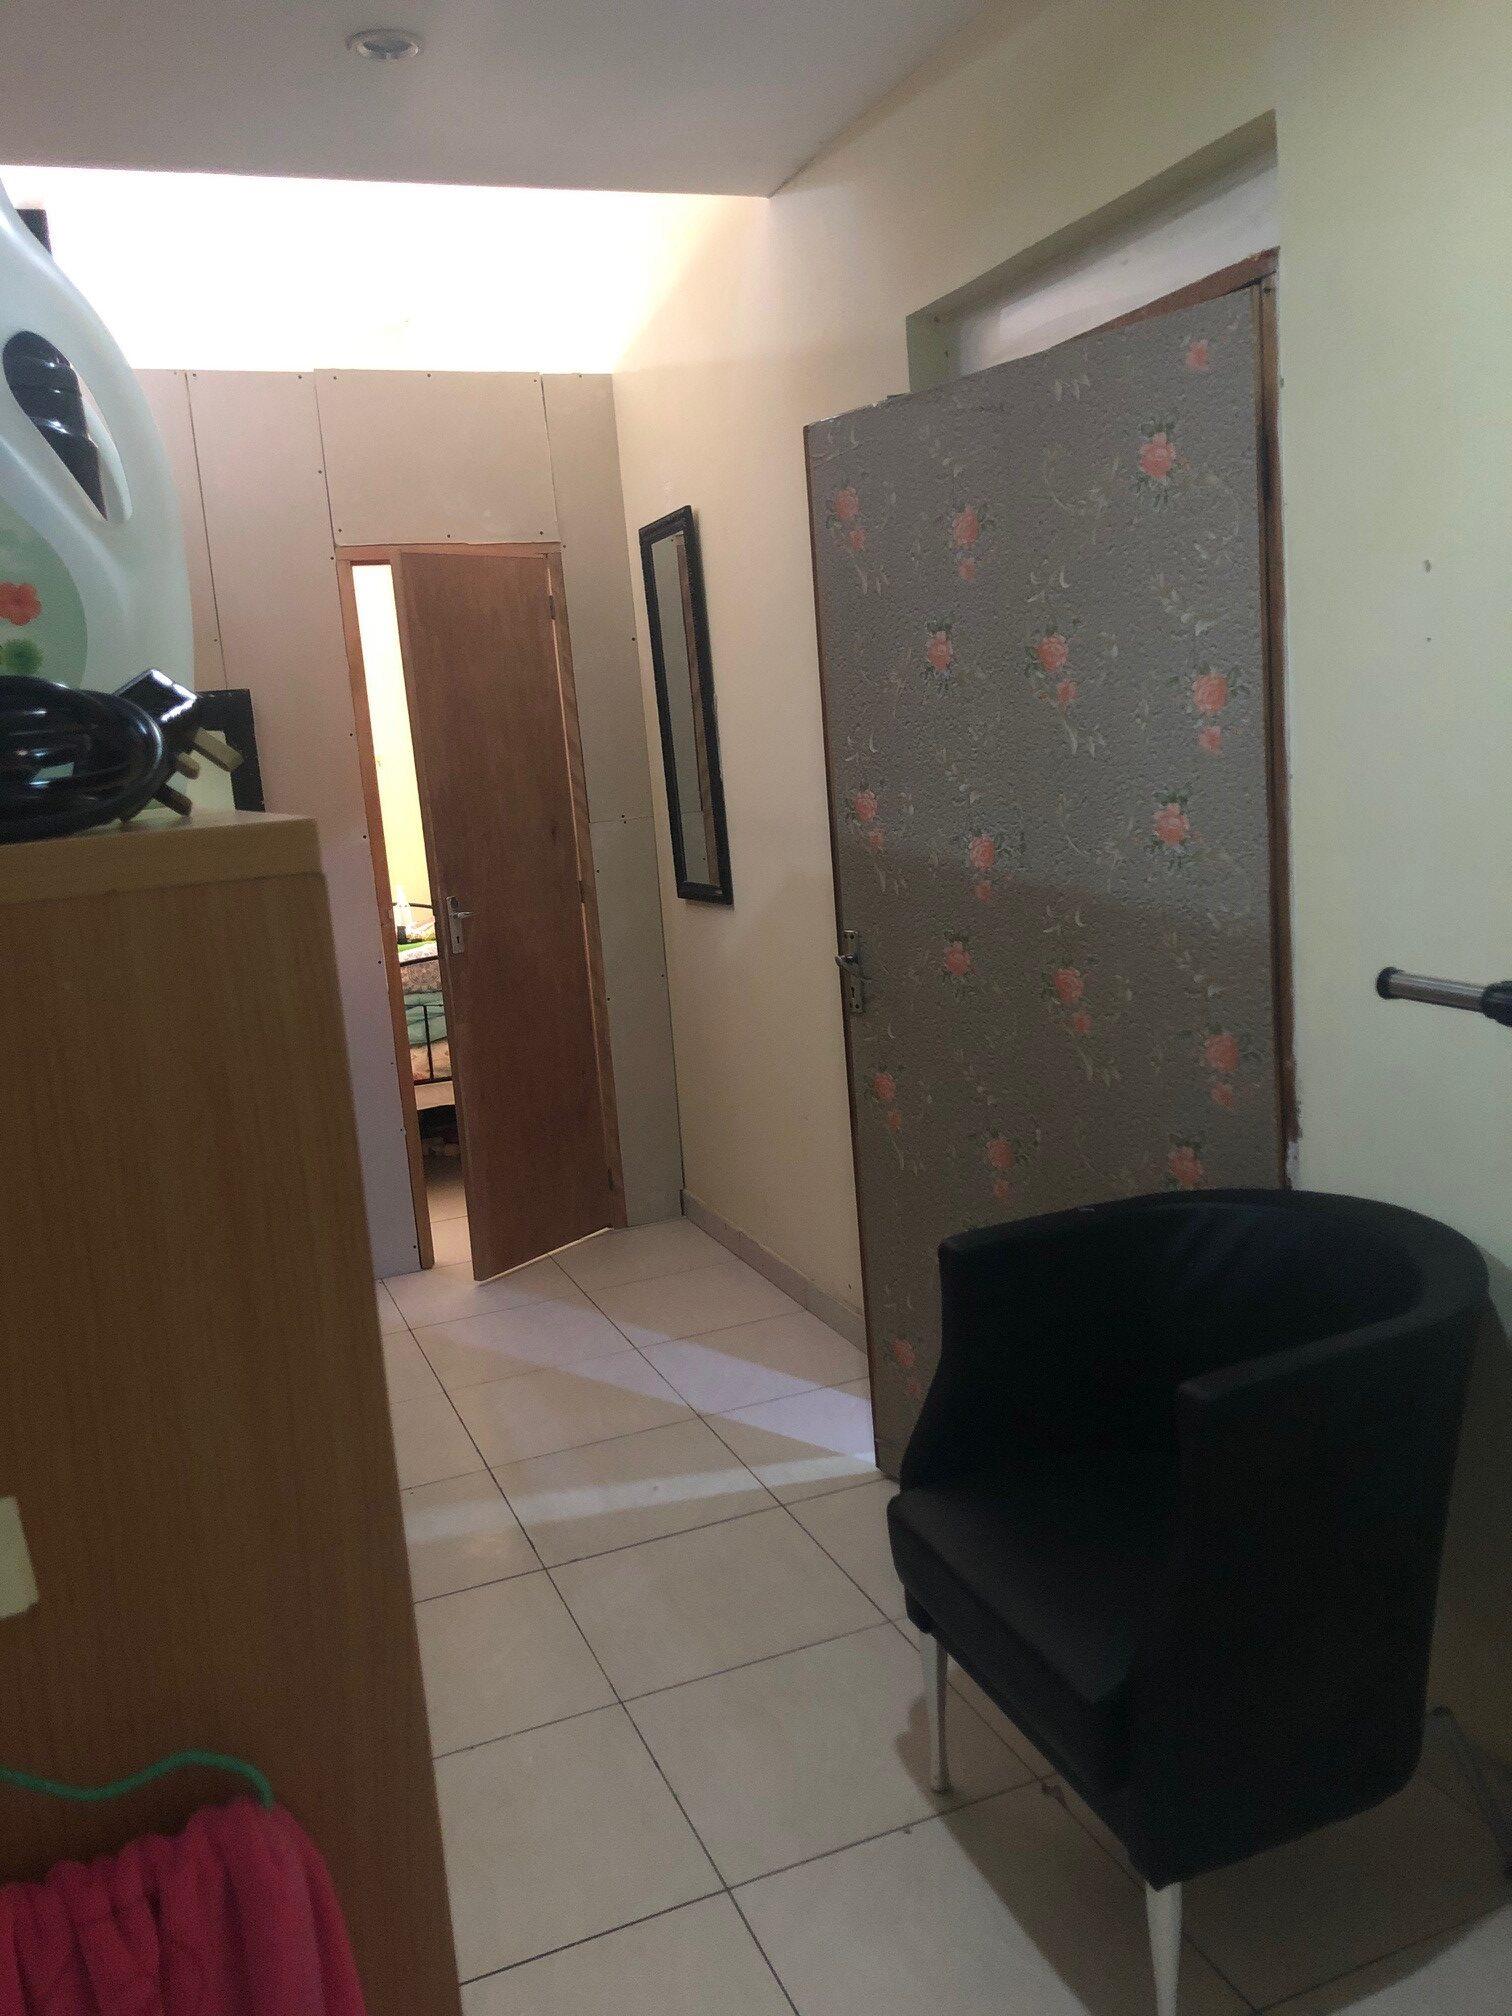 Inside the room.jpg